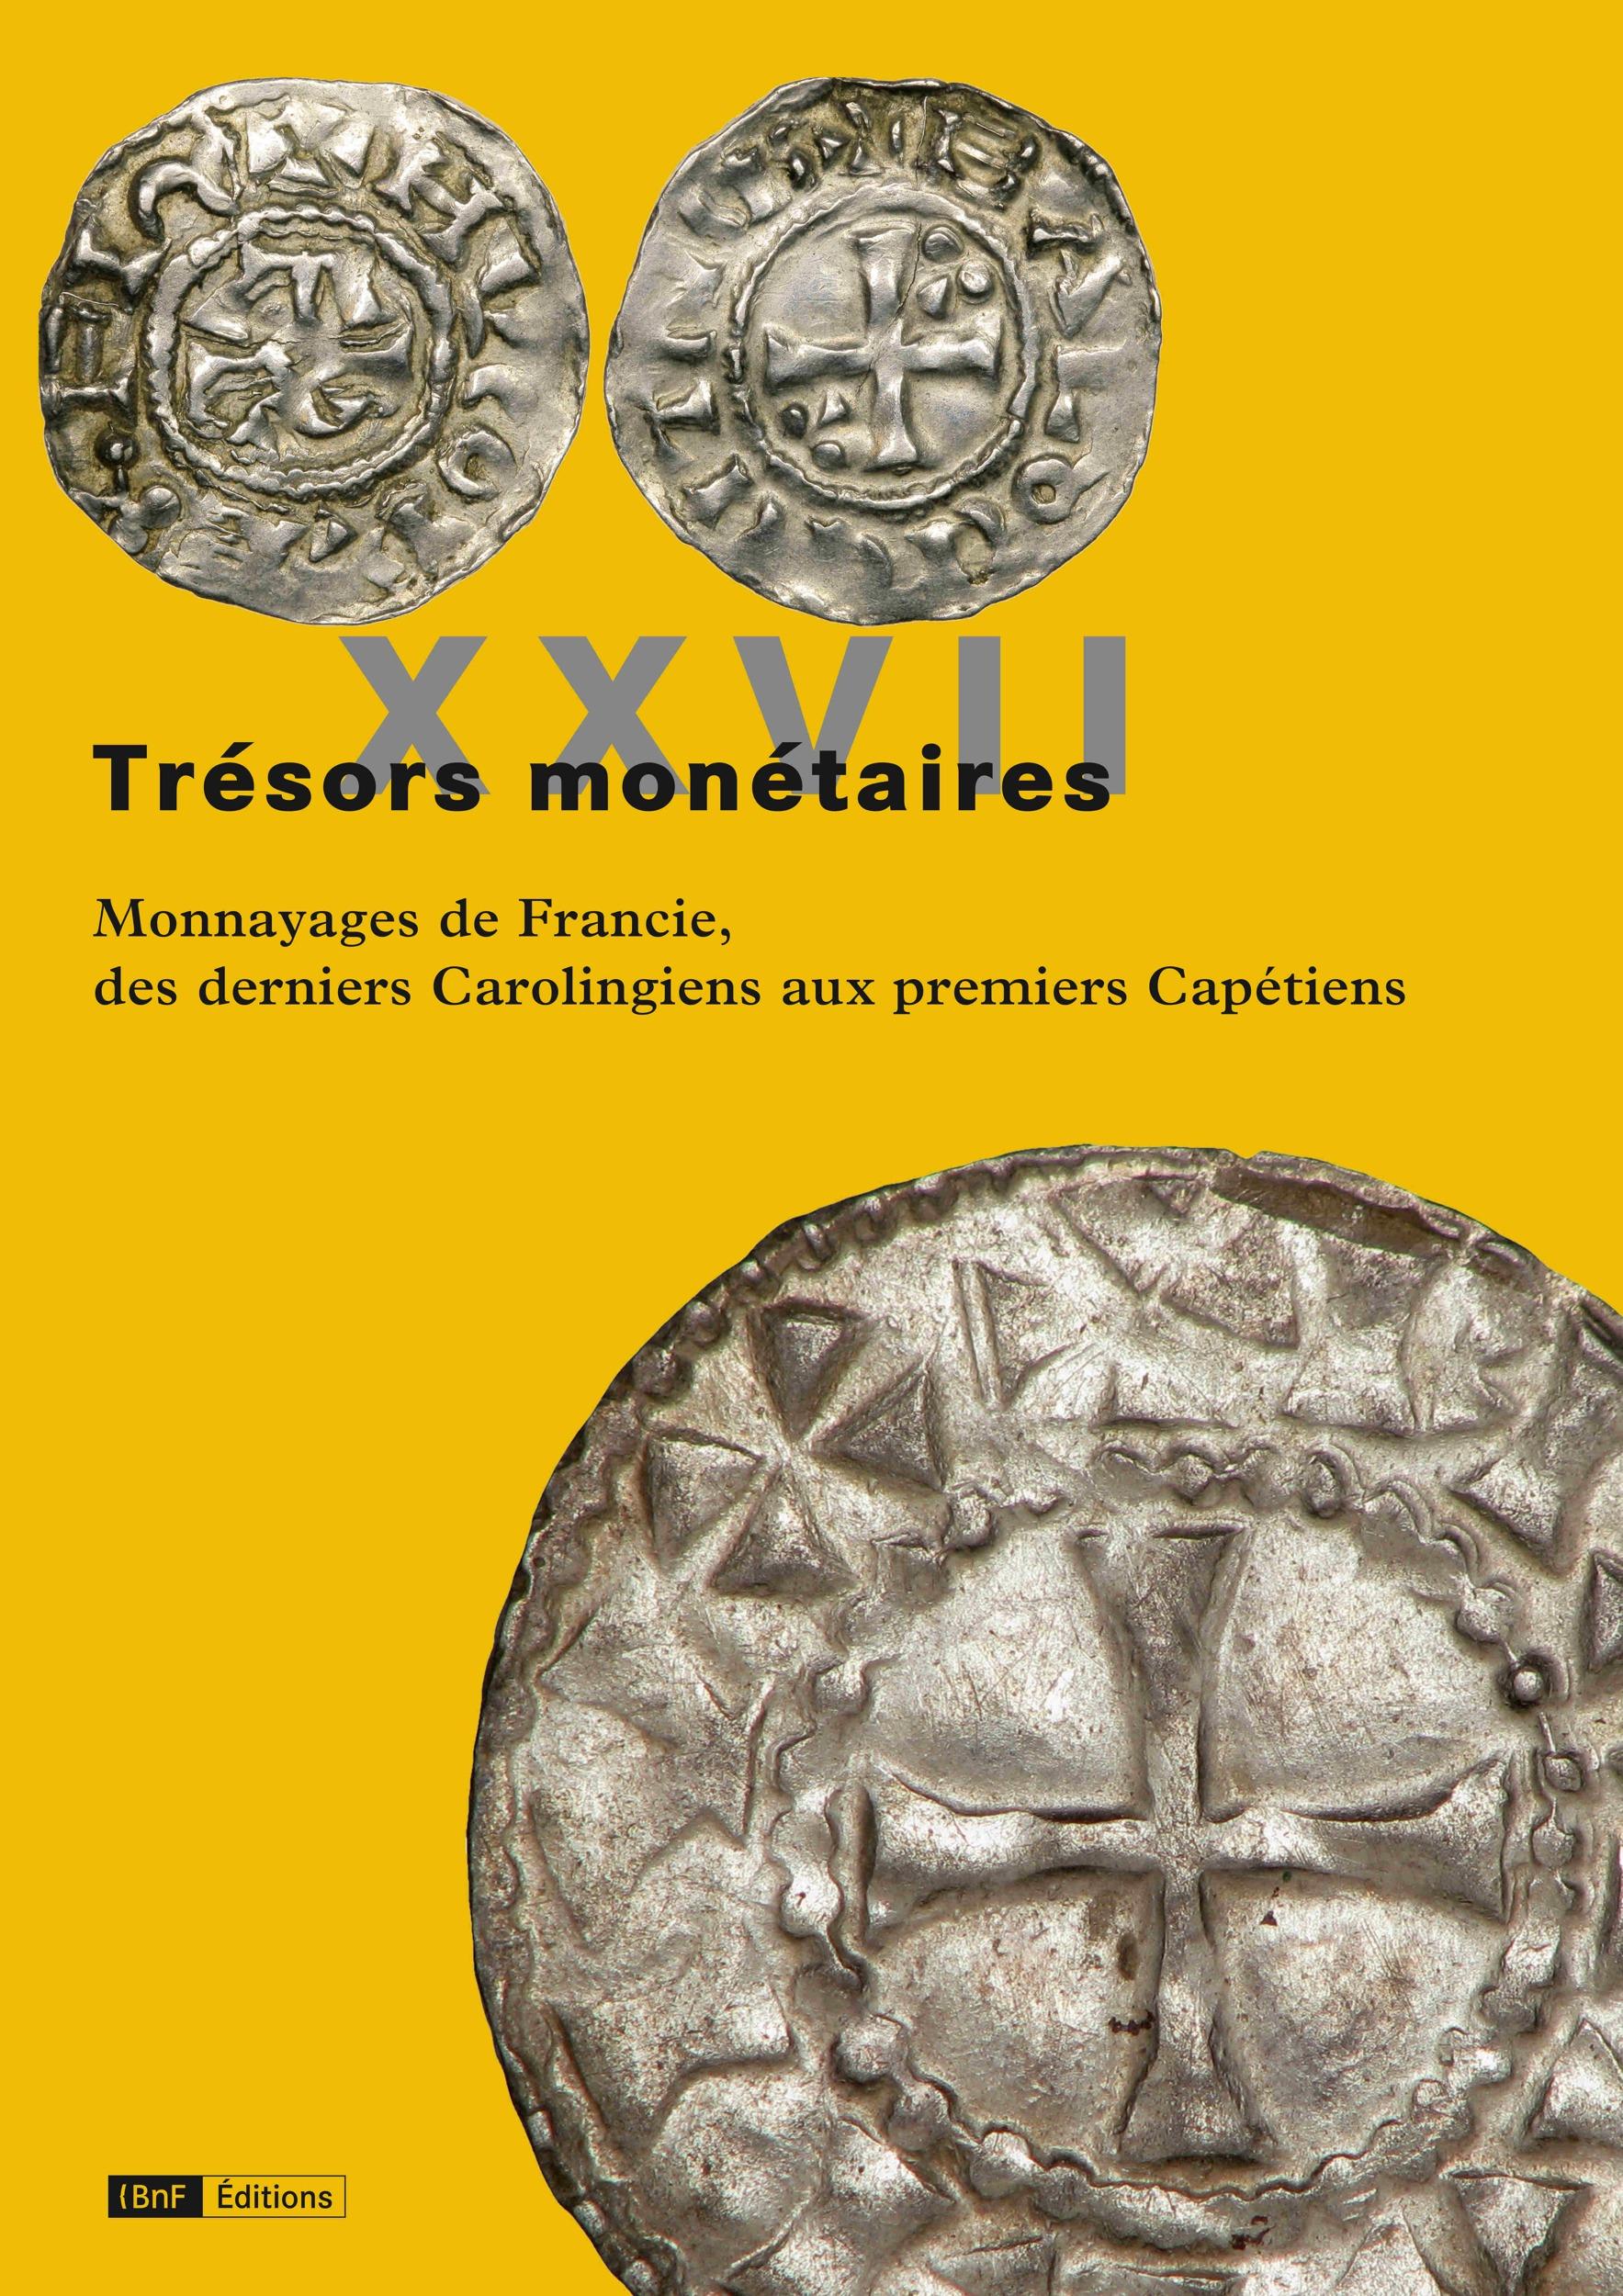 Trésors monétaires XXVII, MONNAYAGES DE FRANCIE, DES DERNIERS CAROLINGIENS AUX PREMIERS CAPÉTIENS